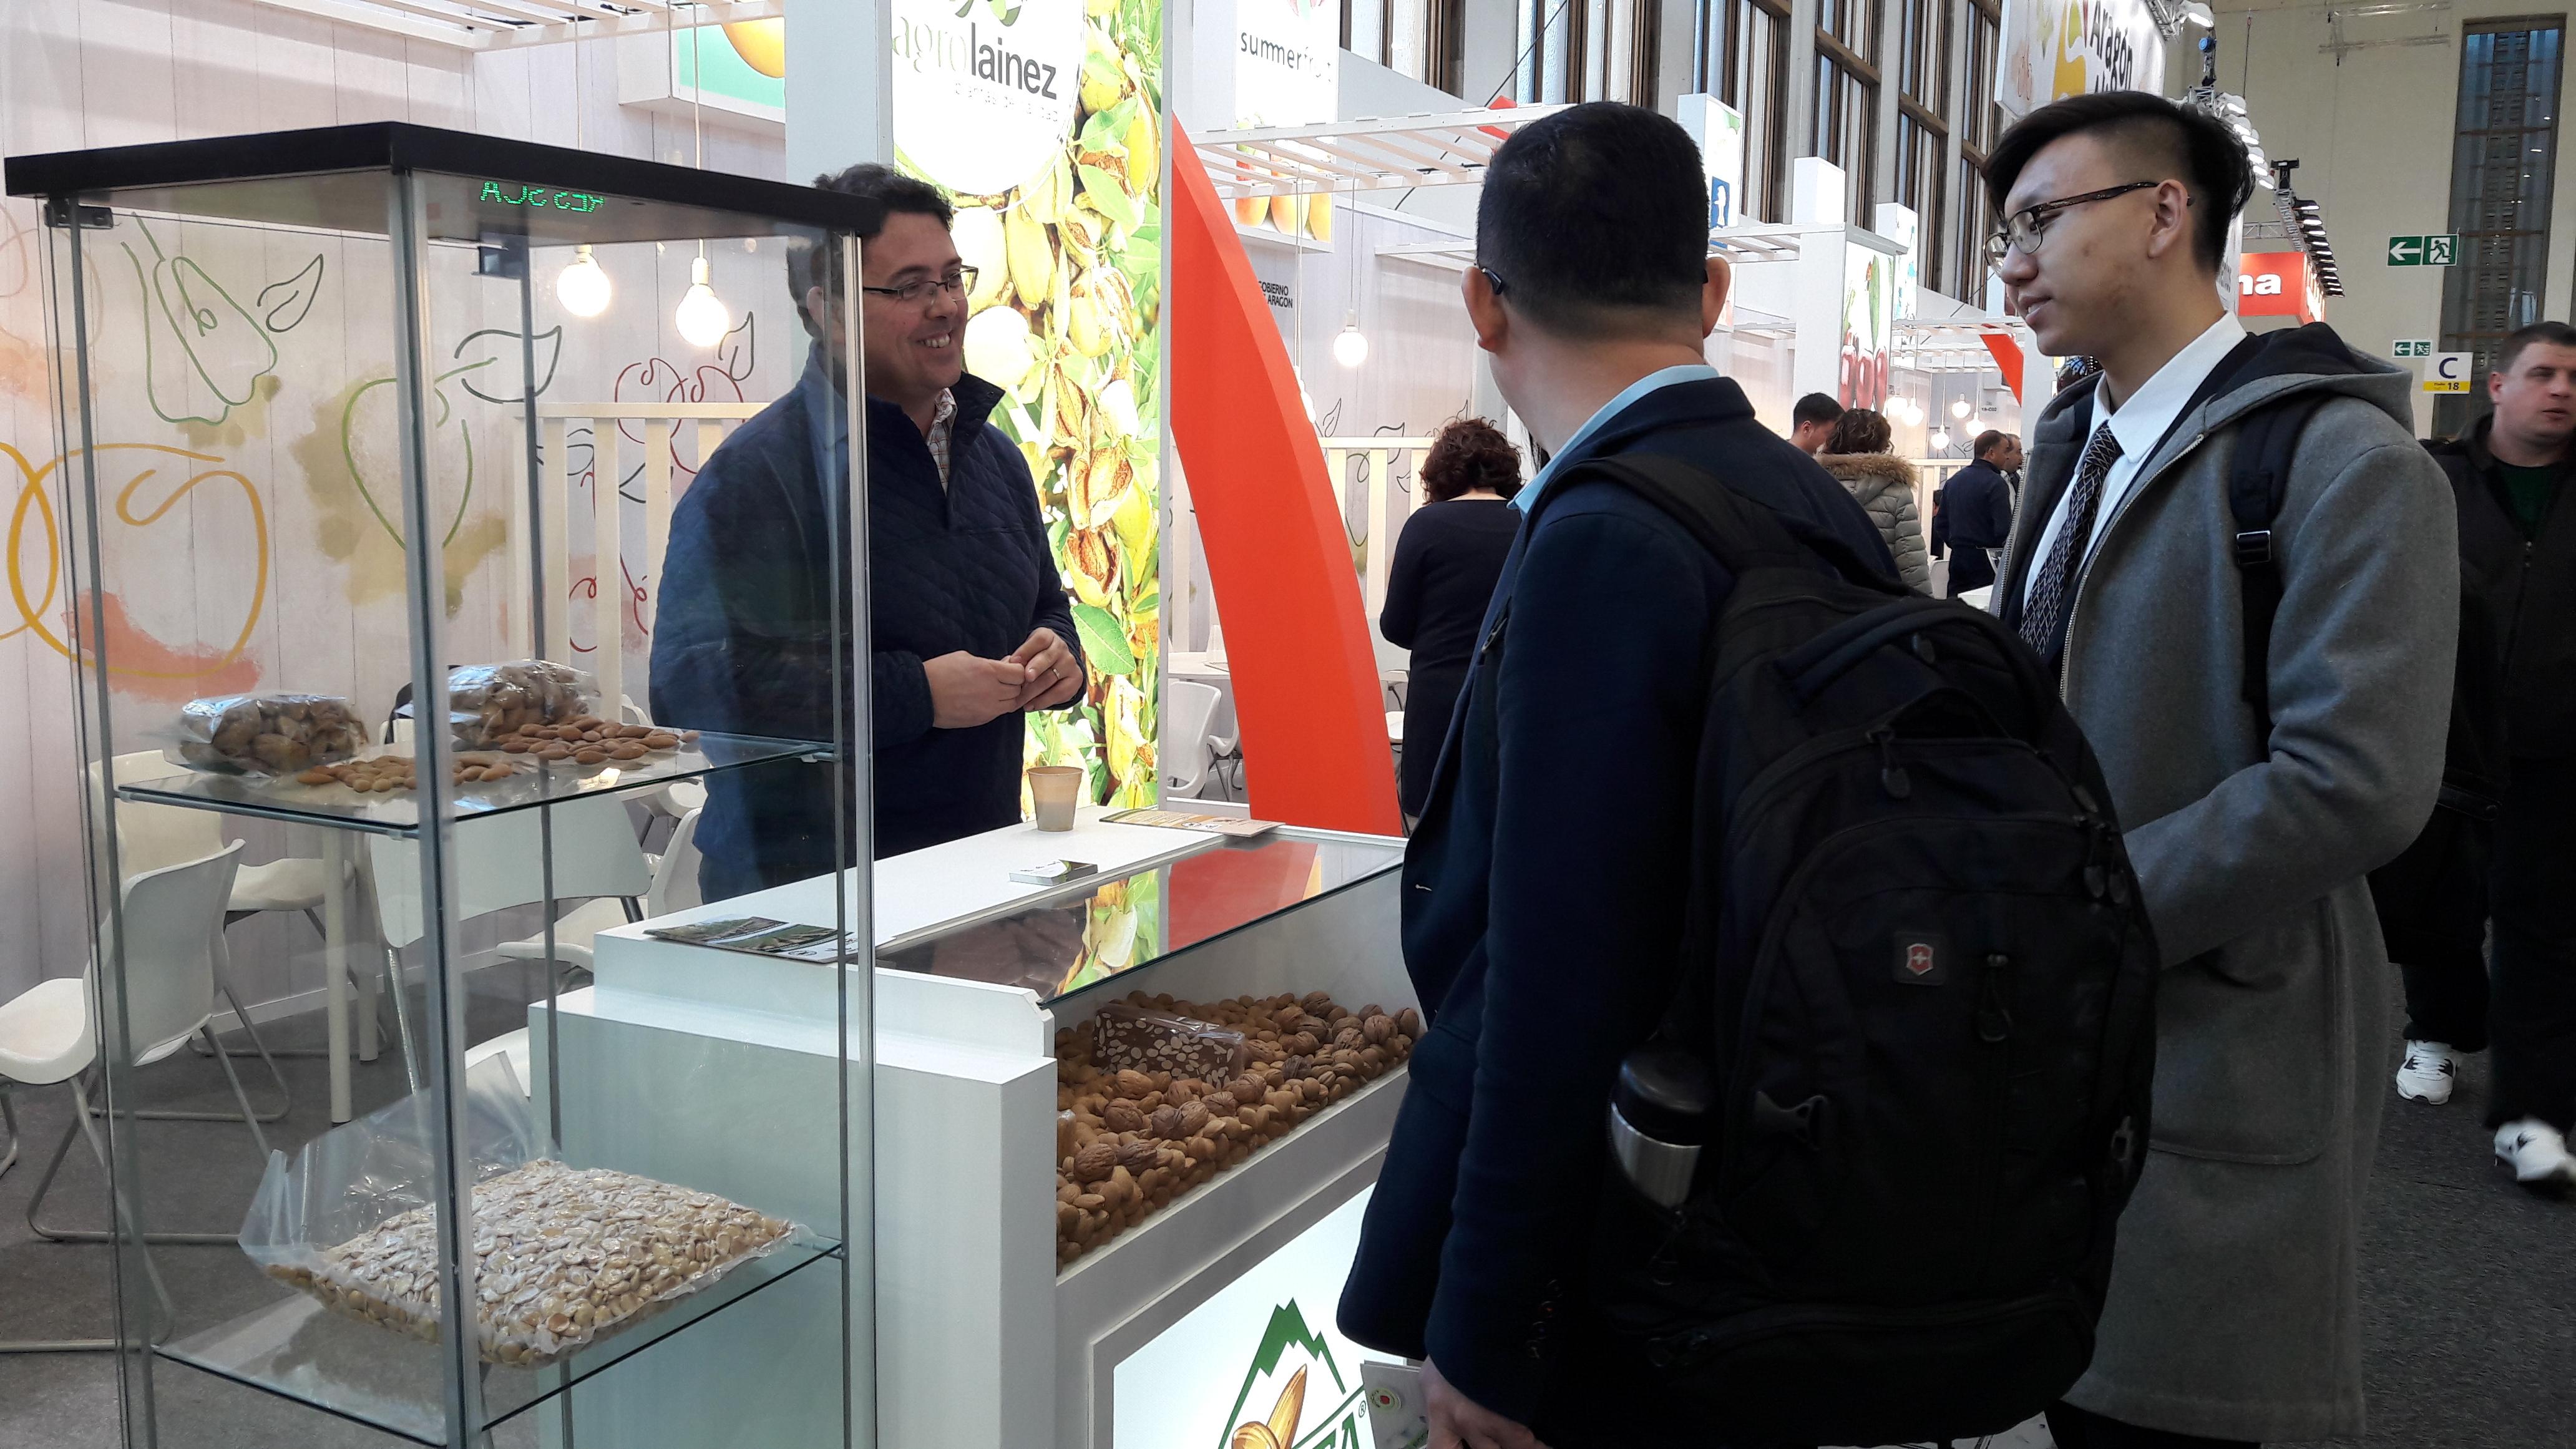 Las exportaciones aragonesas aumentan en noviembre un 13,9% respecto al año anterior al situarse en 1.206,8 millones de euros